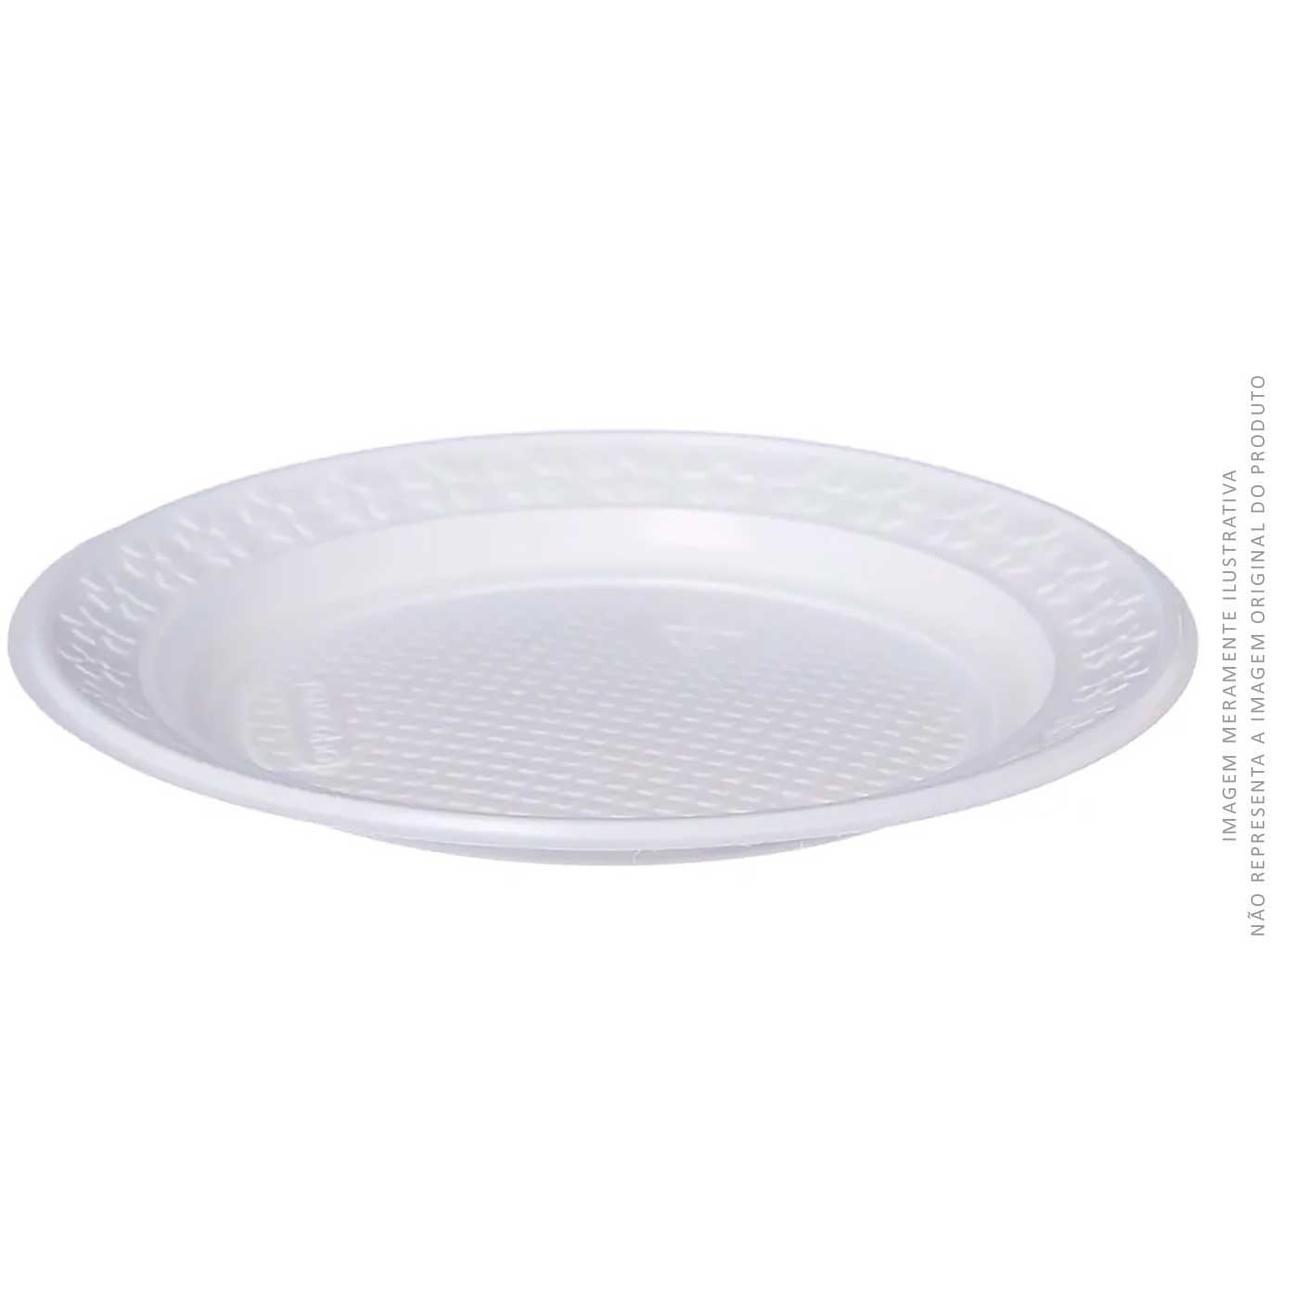 Prato Descart�vel Kerocopo Para Sobremesa Raso 15cm Ps | Caixa com 50 unidades